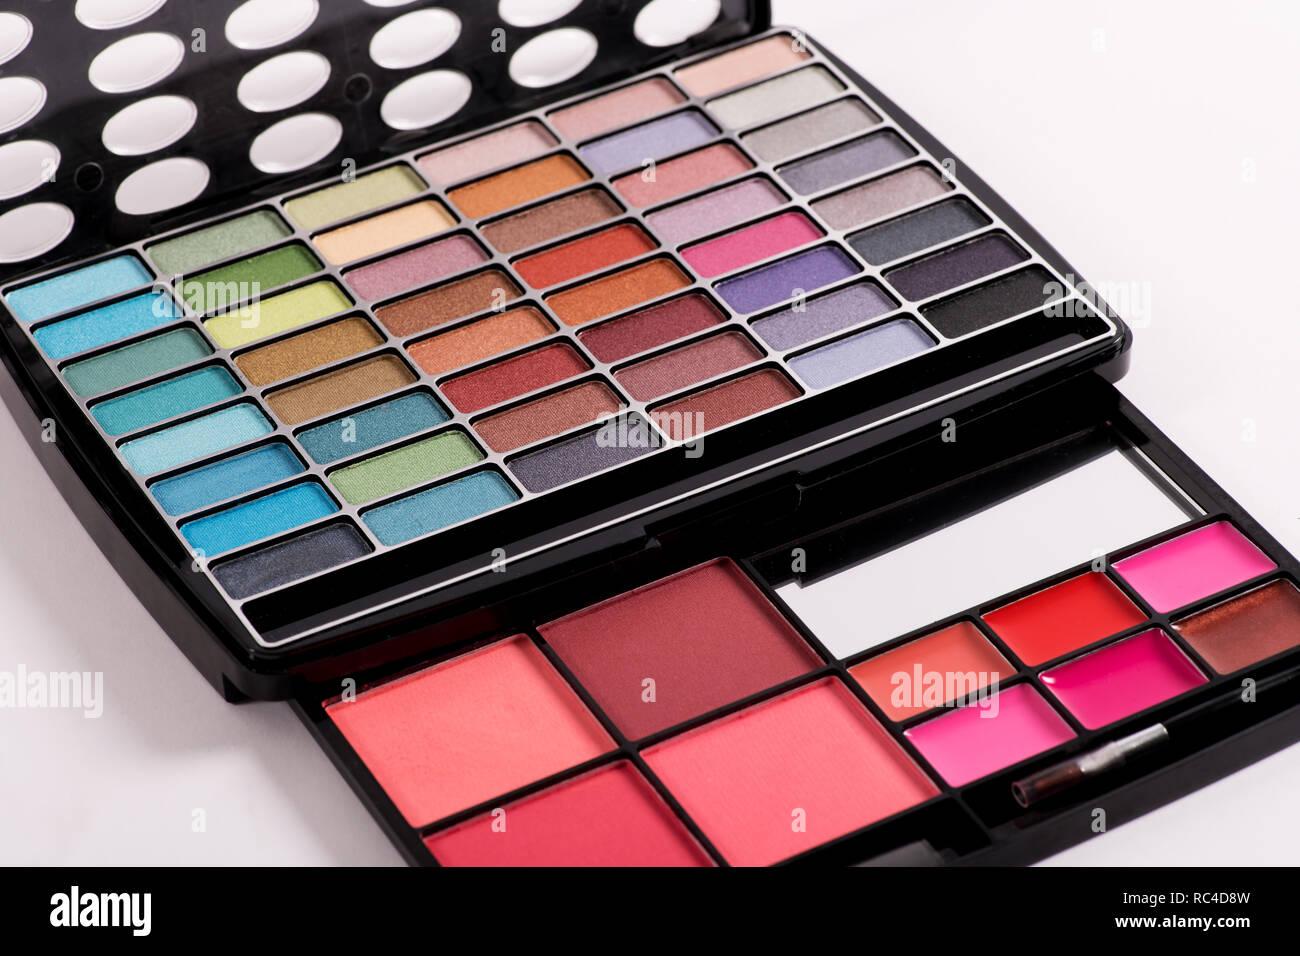 Dekorative Kosmetik, Eye Shadow Makeup in professionellen schwarz Haltersatz, in enger gesehen - von hohen Winkel, auf weißem Hintergrund Stockbild